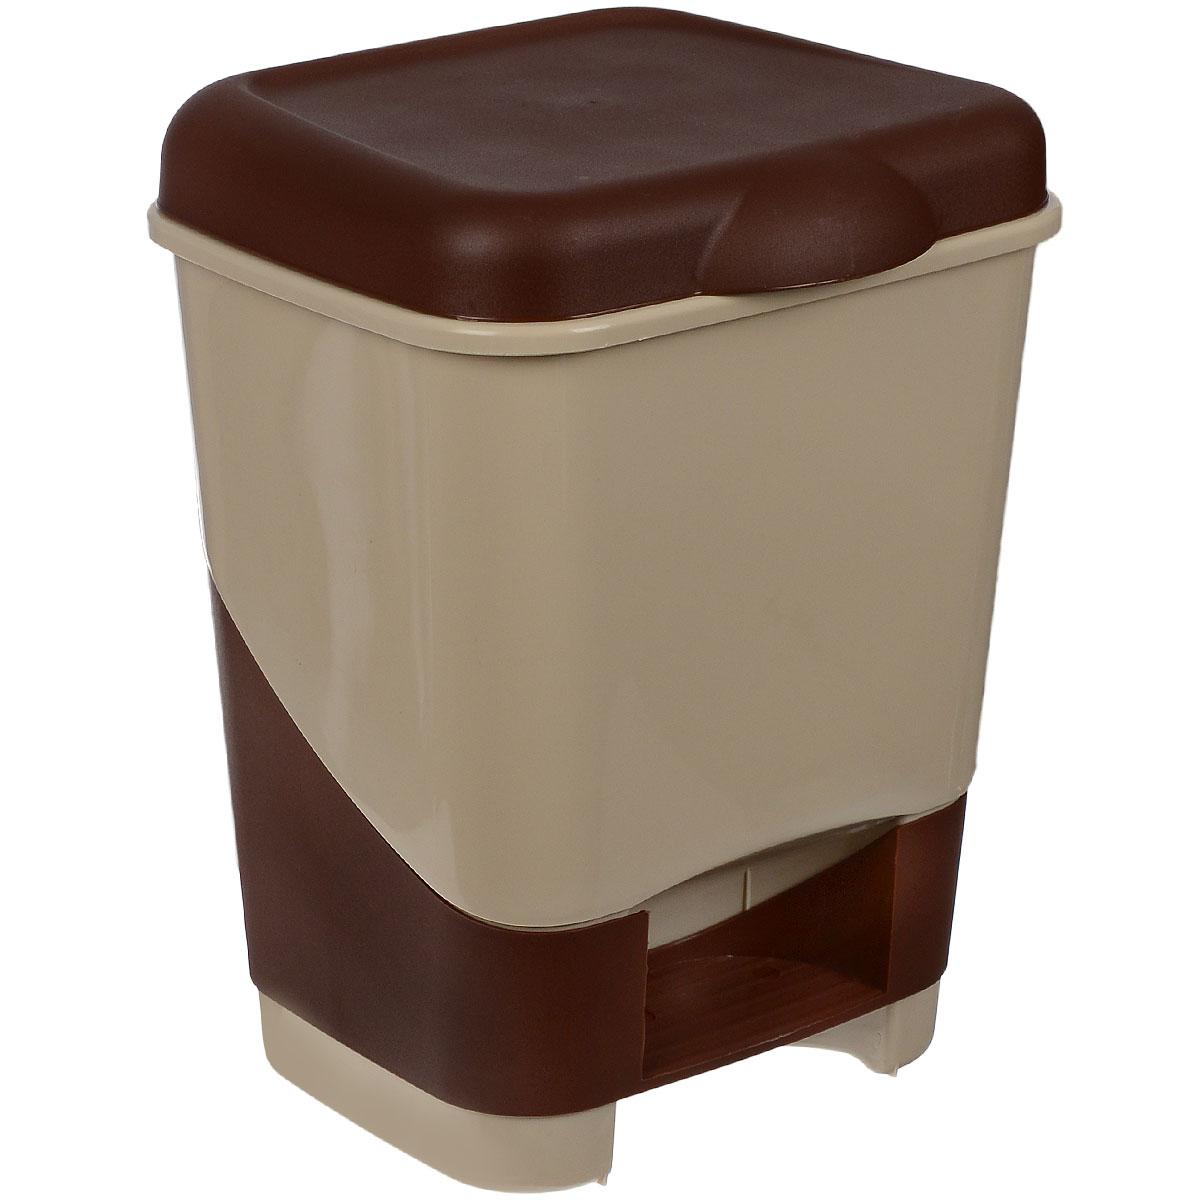 Контейнер для мусора Полимербыт, с педалью, цвет: бежевый, коричневый, 20 лС428Контейнер для мусора Полимербыт изготовлен из высококачественного цветного пластика. Контейнер оснащен педалью, с помощью которой можно открыть крышку. Крышка плотно прилегает, предотвращая распространение запаха. Бороться с мелким мусором станет легко.Контейнер для мусора Полимербыт - это не только емкость для хранения мусора, но и яркий предмет декора, который оригинально украсит интерьер кухни или ванной комнаты.